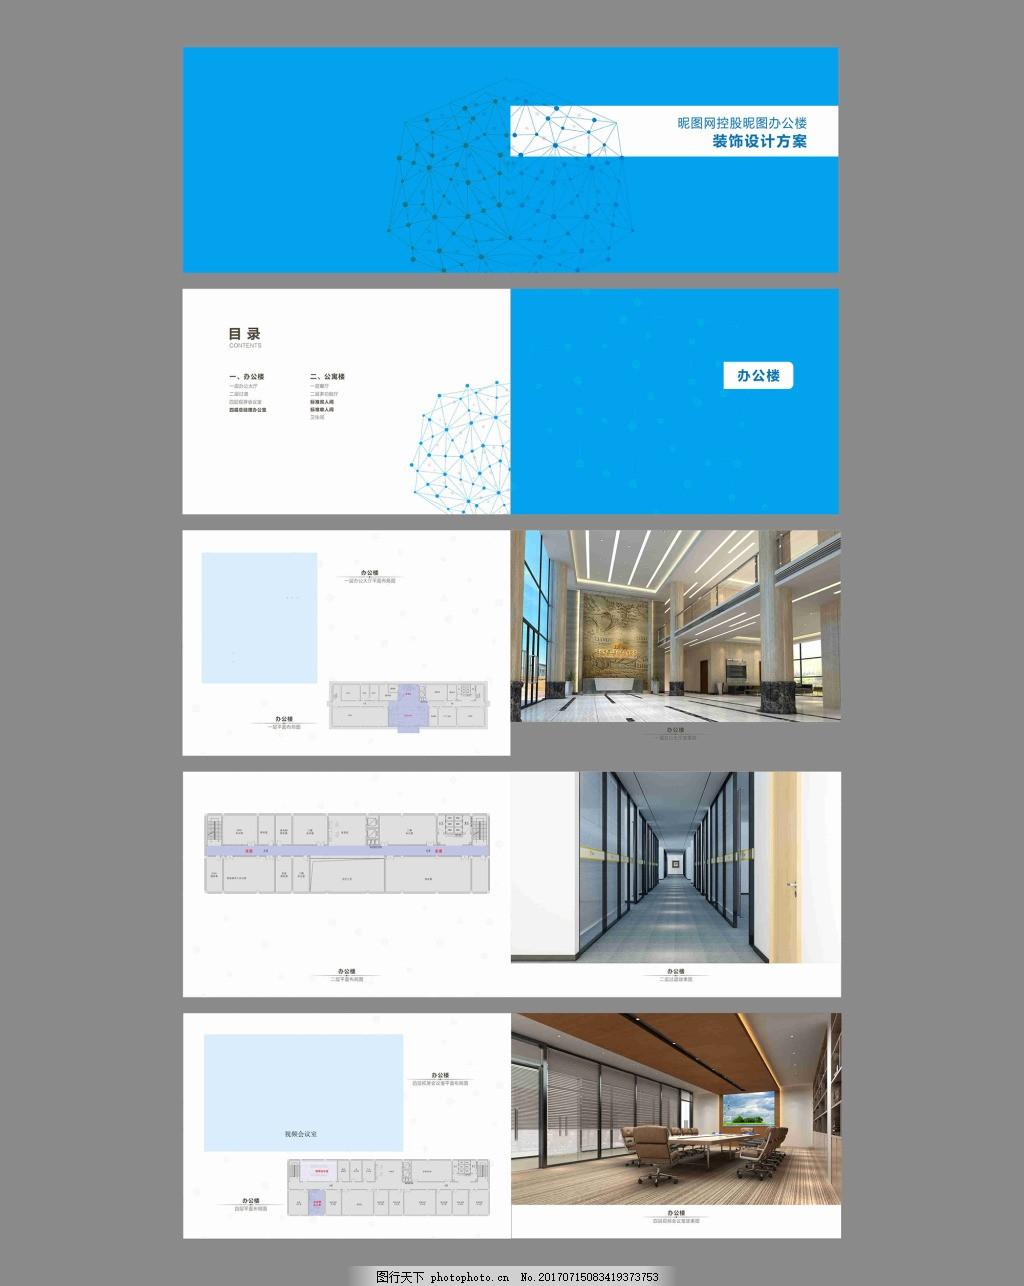 饰设计方案画册 封面 装饰 装饰设计 平面 平面设计 蓝色 点线